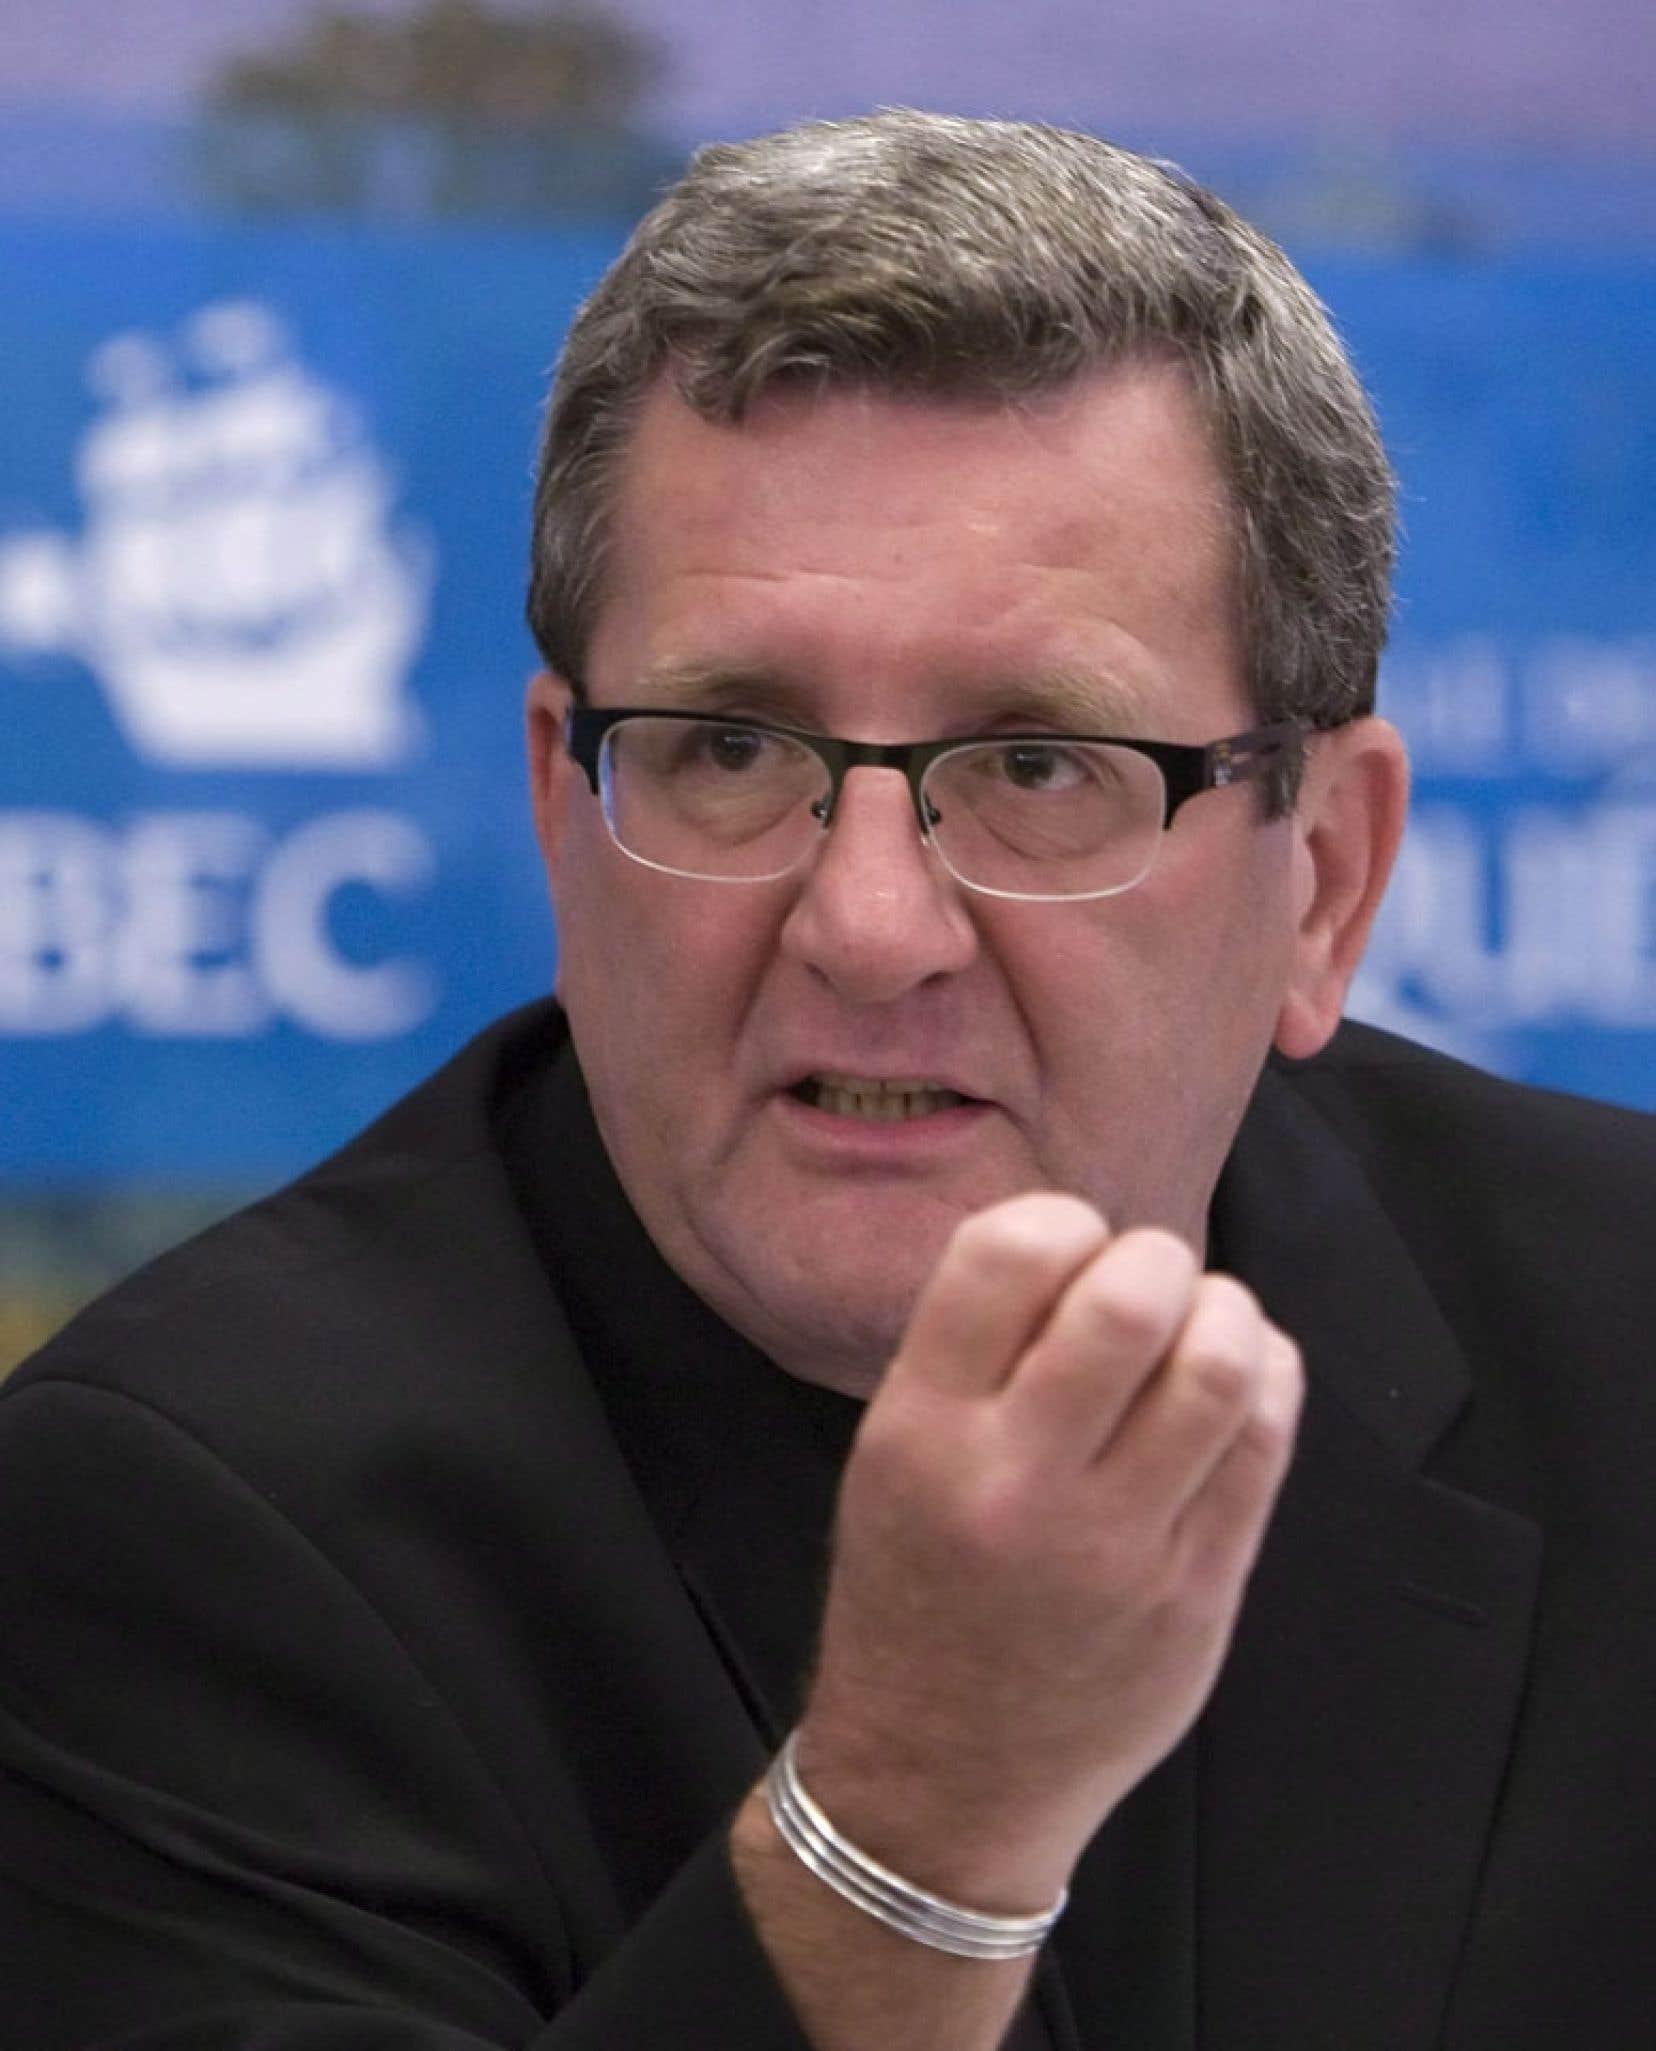 Le maire de Québec, Régis Labeaume, s'est félicité d'avoir obtenu une soumission recevable à un prix inférieur à l'estimation des coûts de la Ville (48,1 millions).